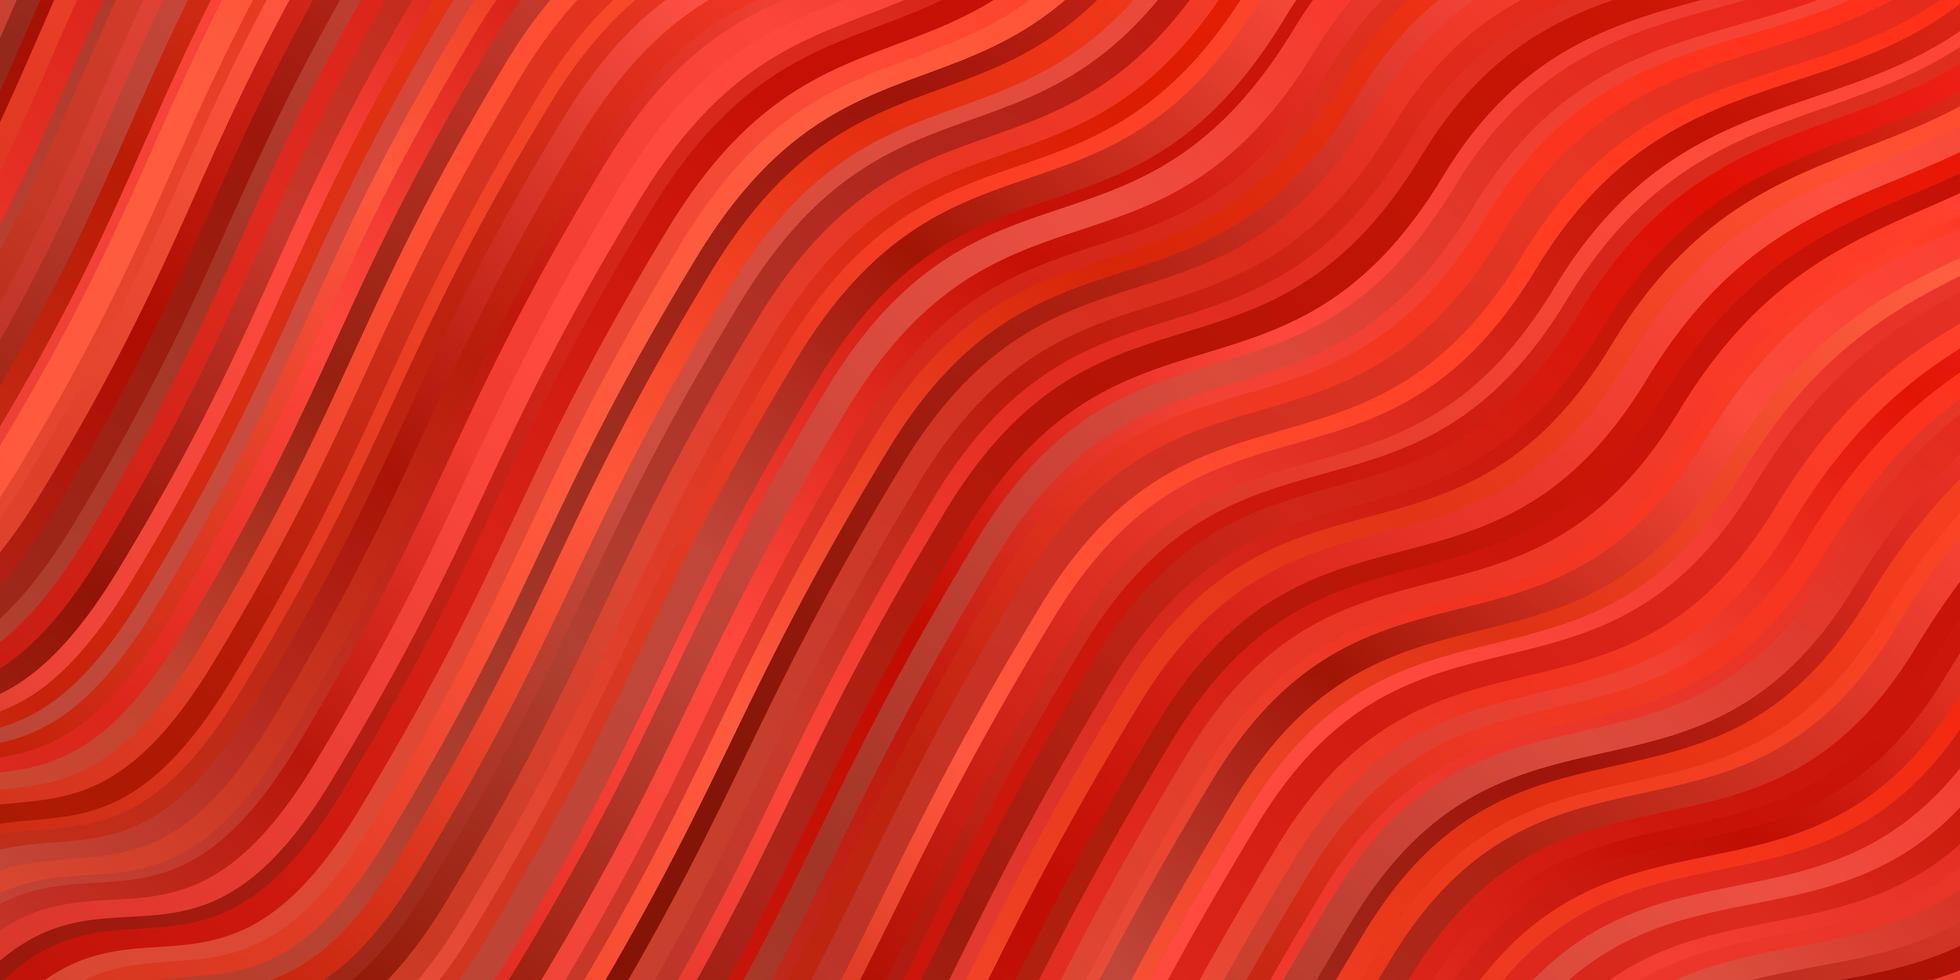 plantilla de vector rojo claro con líneas torcidas.